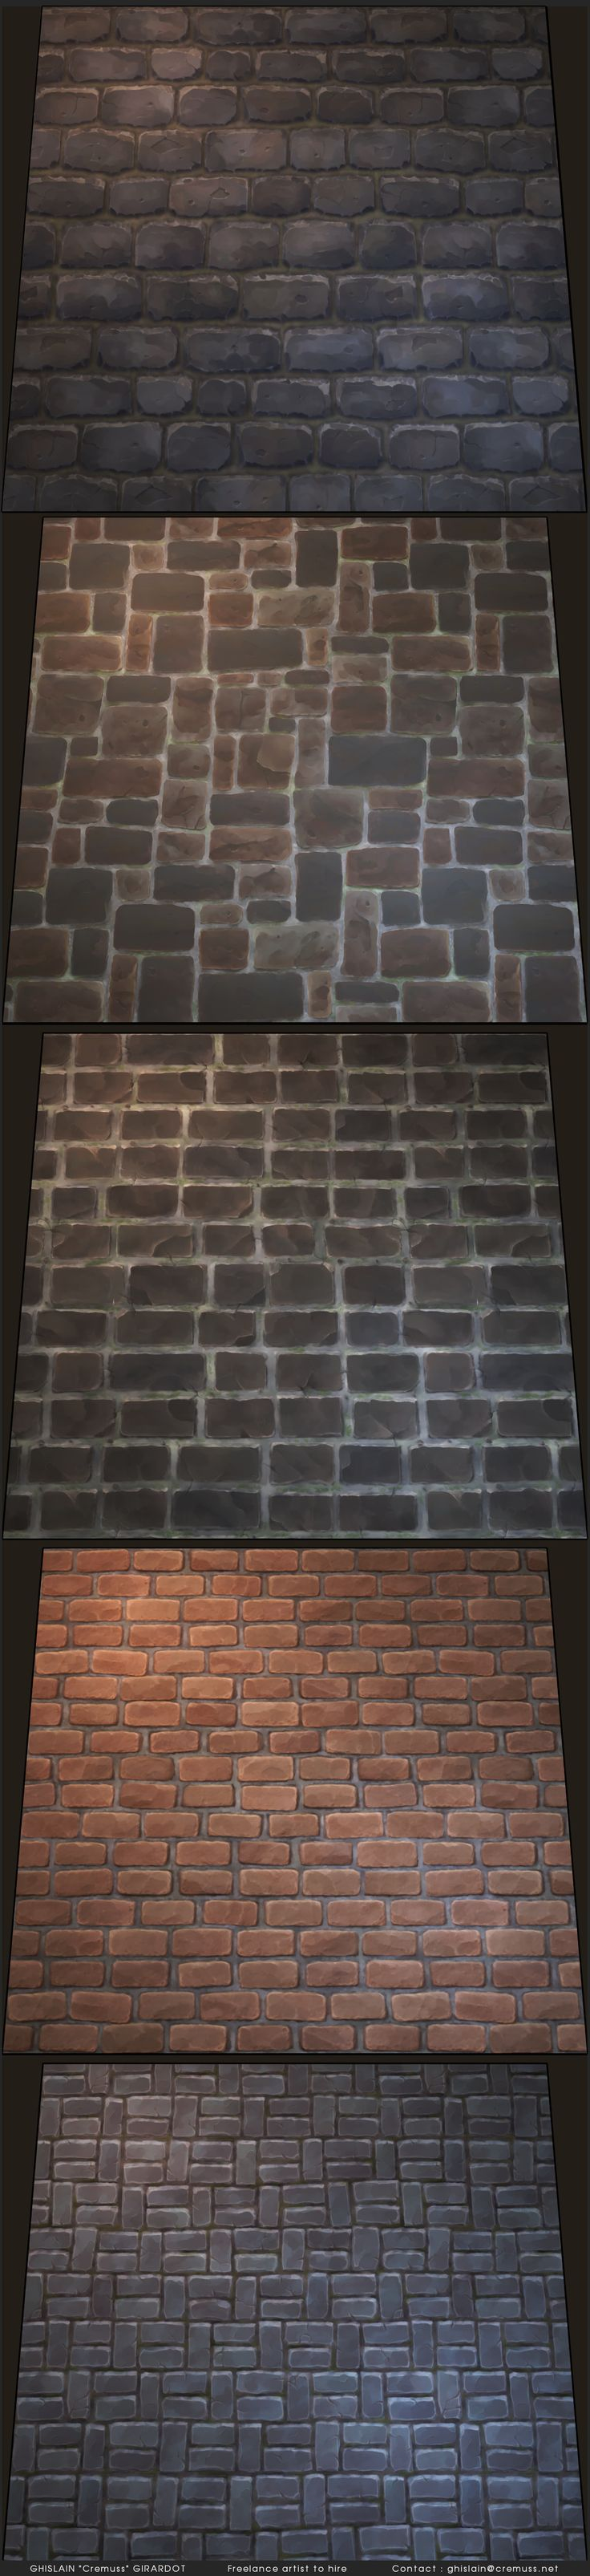 HandPaintedBrickTextures_rc1.jpg (1100×4800)